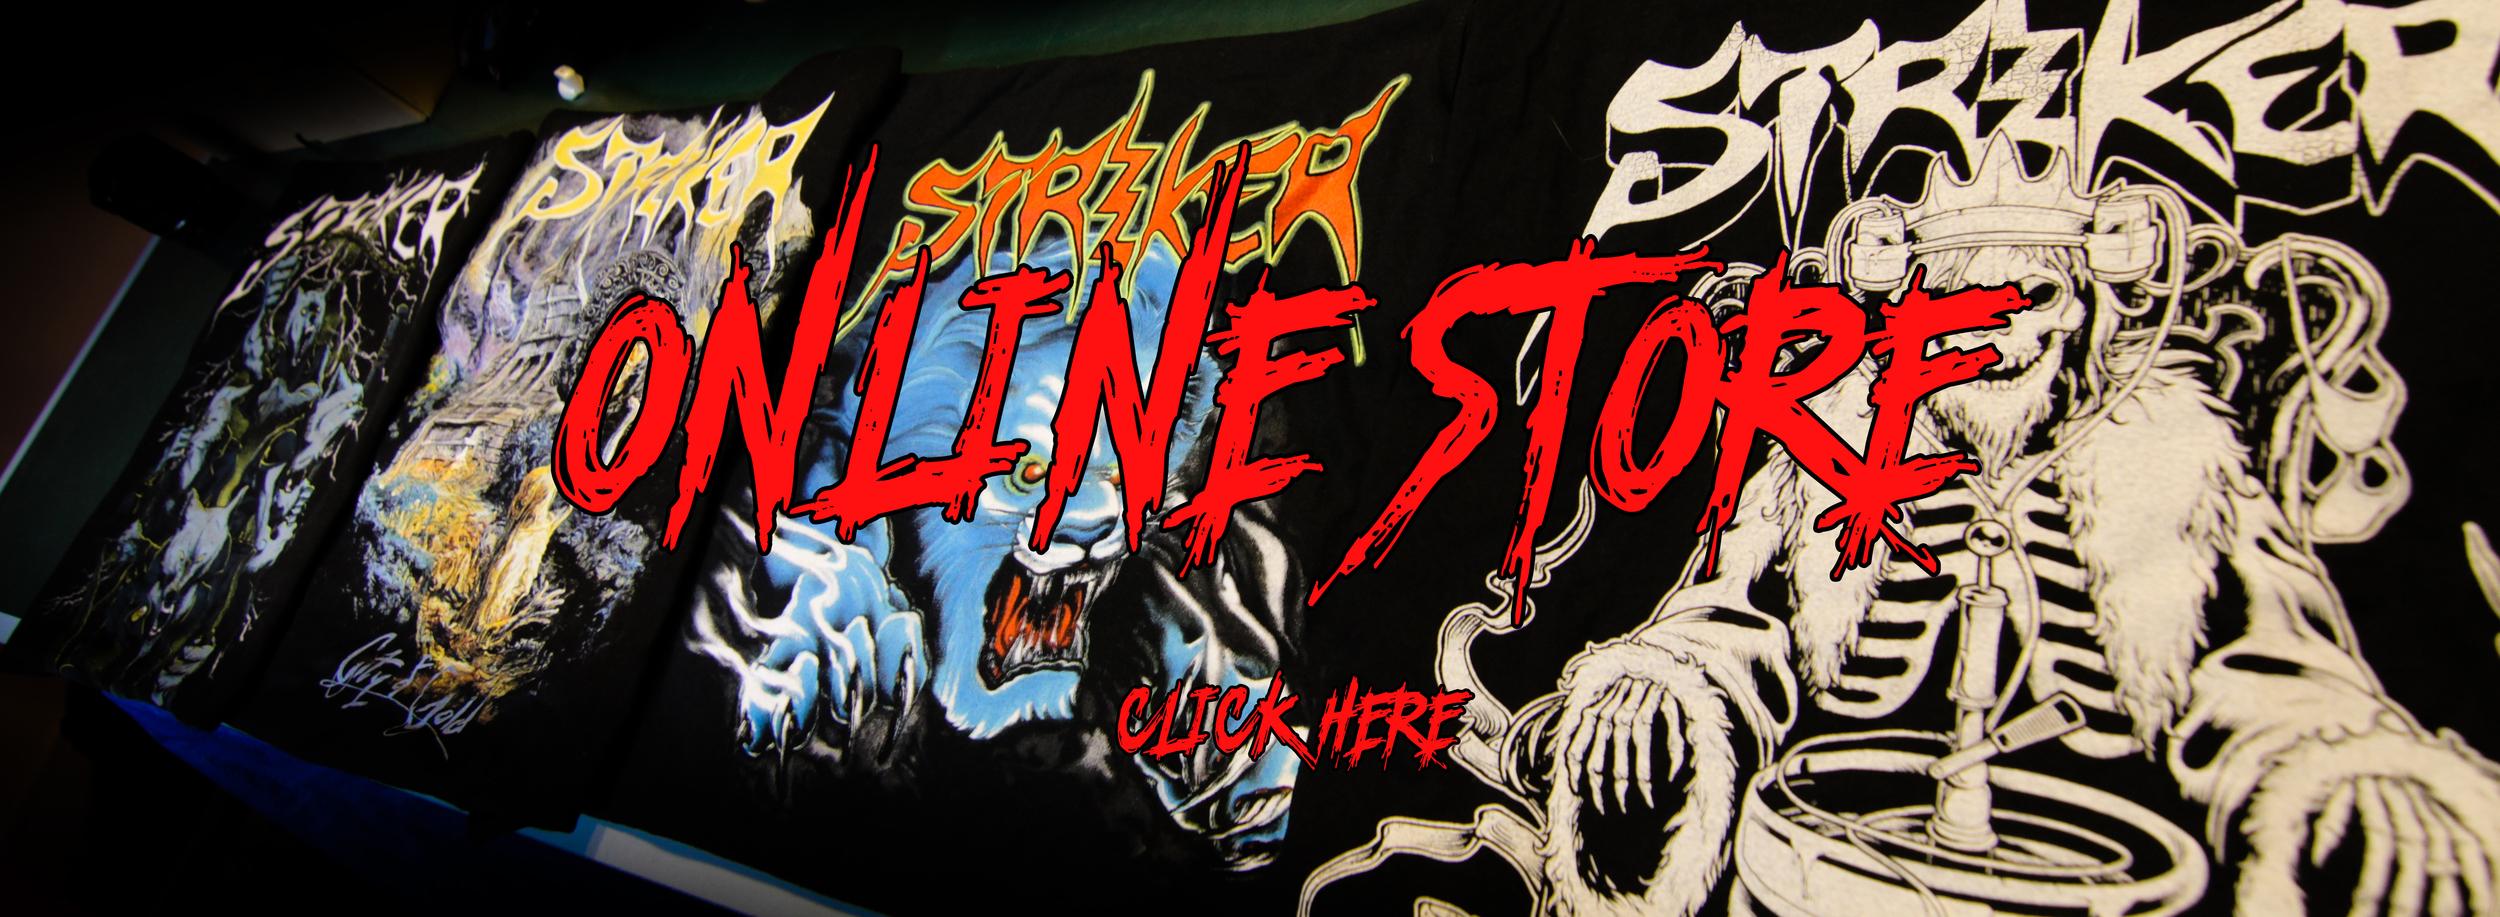 Online Store Banner.jpg